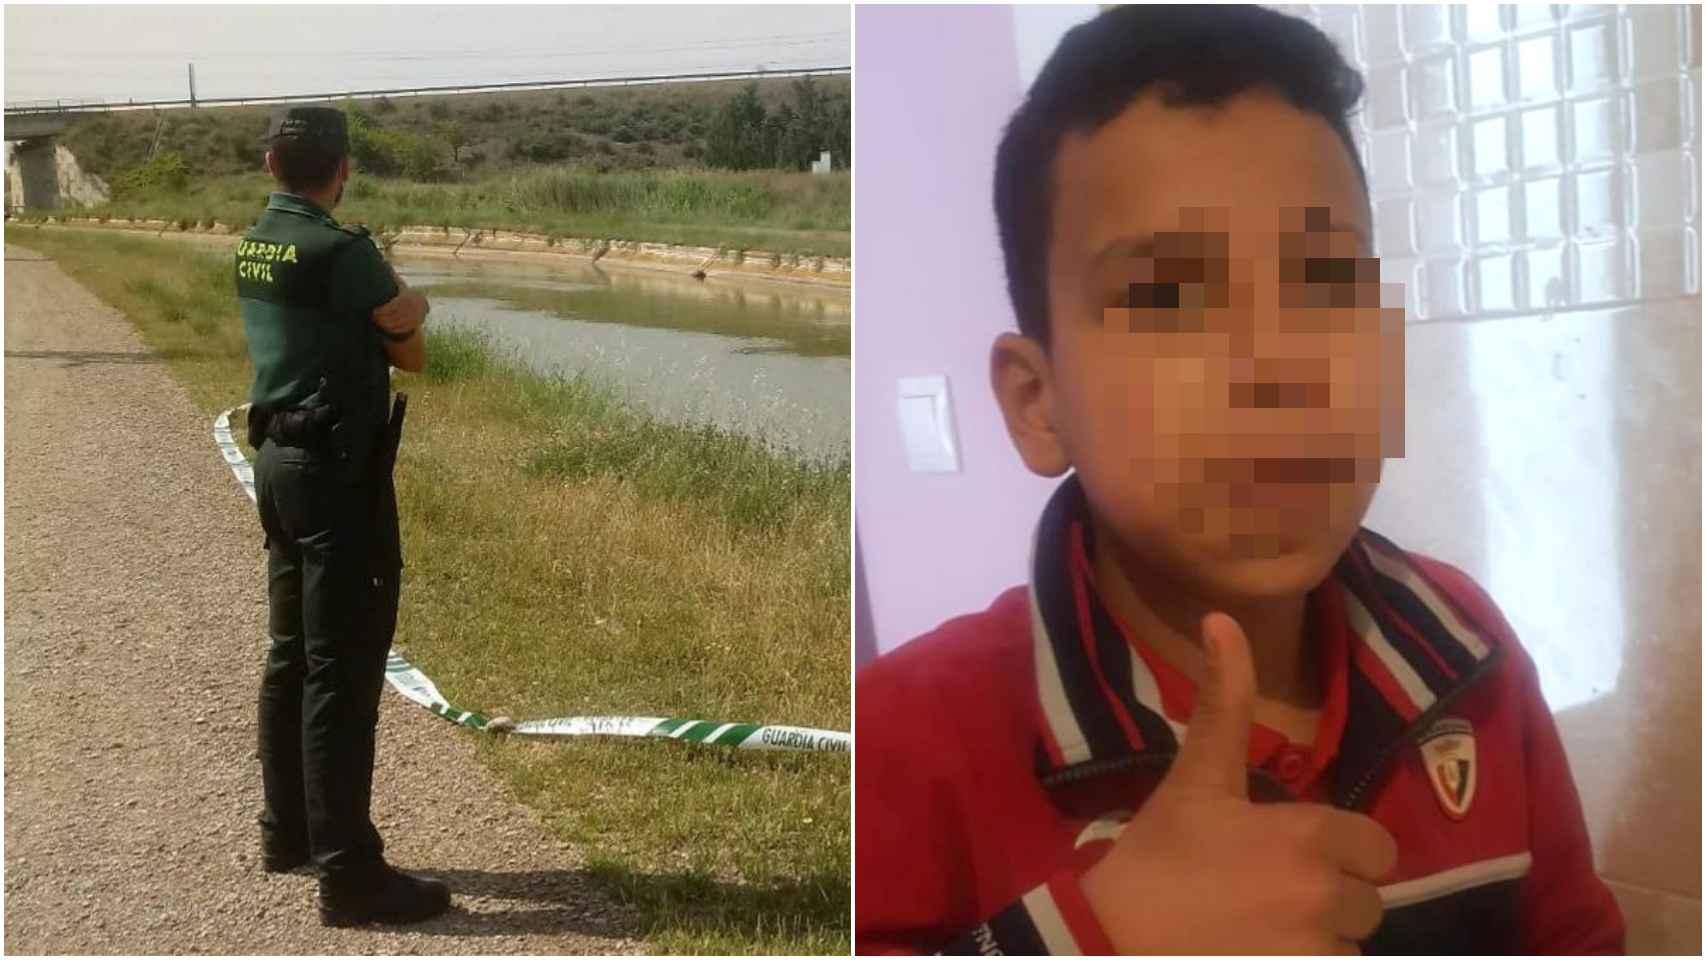 La Guardia Civil encuentra muerto a Abdedamad, un niño de 13 años desaparecido en Zaragoza